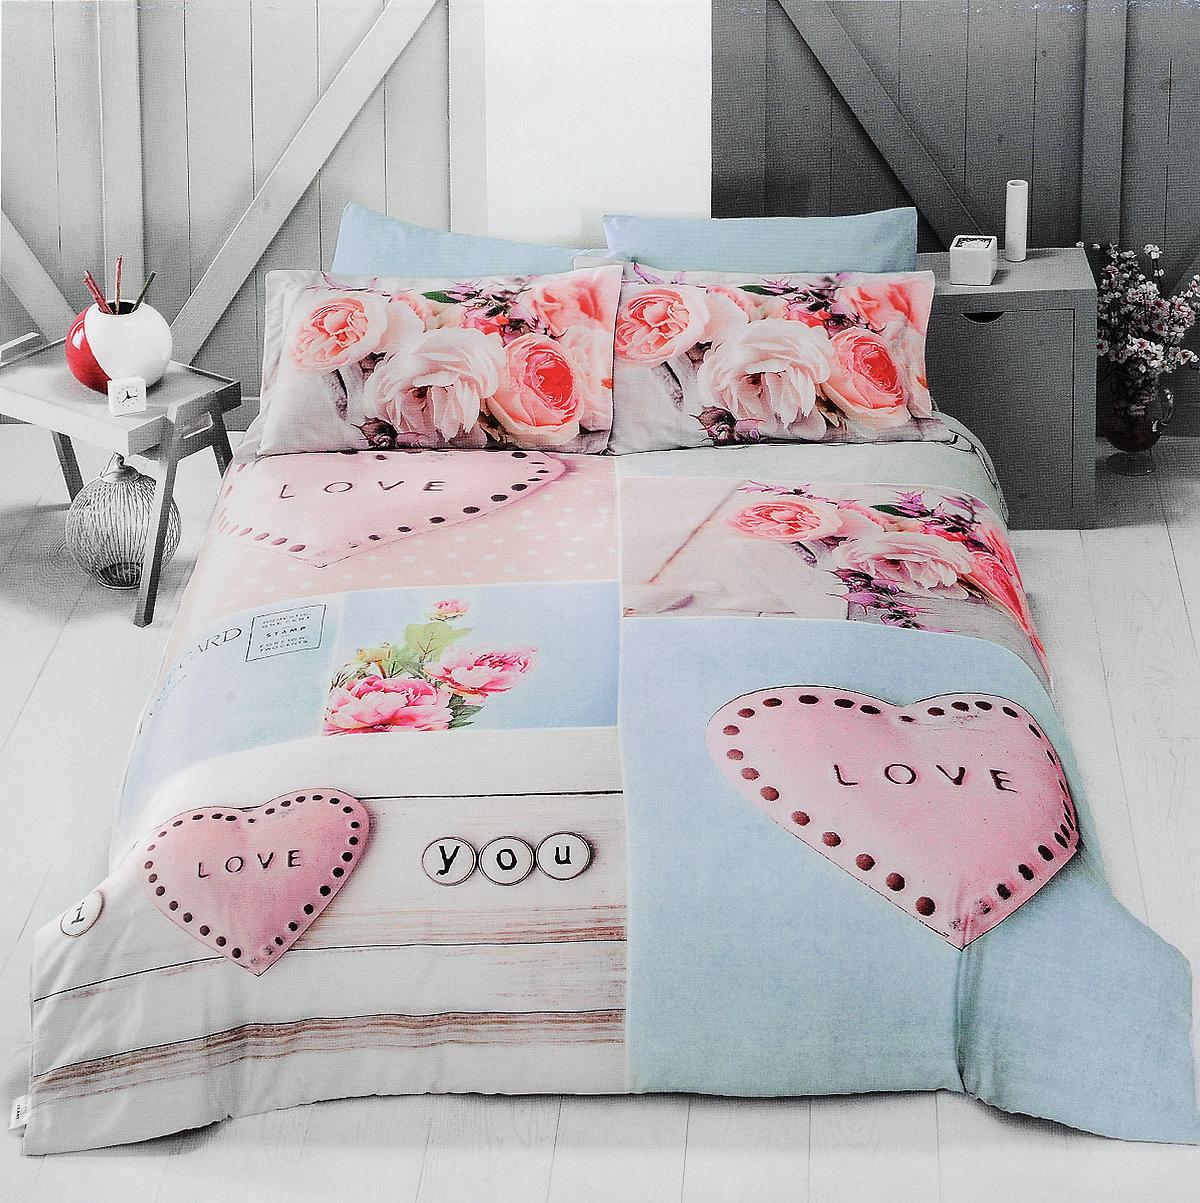 Комплект белья Clasy Love, евро, наволочки 50х70, цвет: голубой, розовый, бежевыйCLP446Комплект постельного белья Clasy Love состоит из пододеяльника на пуговицах, простыни и 4 наволочек (2 стандартные и 2 с ушками). Изделия выполнены из сатина (100% хлопок). Ткань гладкая и имеет ровный матовый блеск. Секрет заключается в особенно плотном сатиновом переплетении. Несмотря на особую плотность, это постельное белье очень мягкое, спать на нем уютно и тепло. Ткань обладает отличными гигиеническими свойствами - гигроскопичностью, воздухопроницаемостью и гипоаллергенностью. Краска на сатине держится очень хорошо, новое белье не полиняет и со временем не станет выцветать. Такой комплект прослужит дольше любого другого хлопкового белья. Благодаря диагональному пересечению нитей ткань почти не мнется. В производстве белья используются только качественные безопасные импортные красители, которые не содержат вредных химических веществ и позволяют сохранить яркость красок после многократных стирок. Белье упаковано в подарочную картонную коробку.